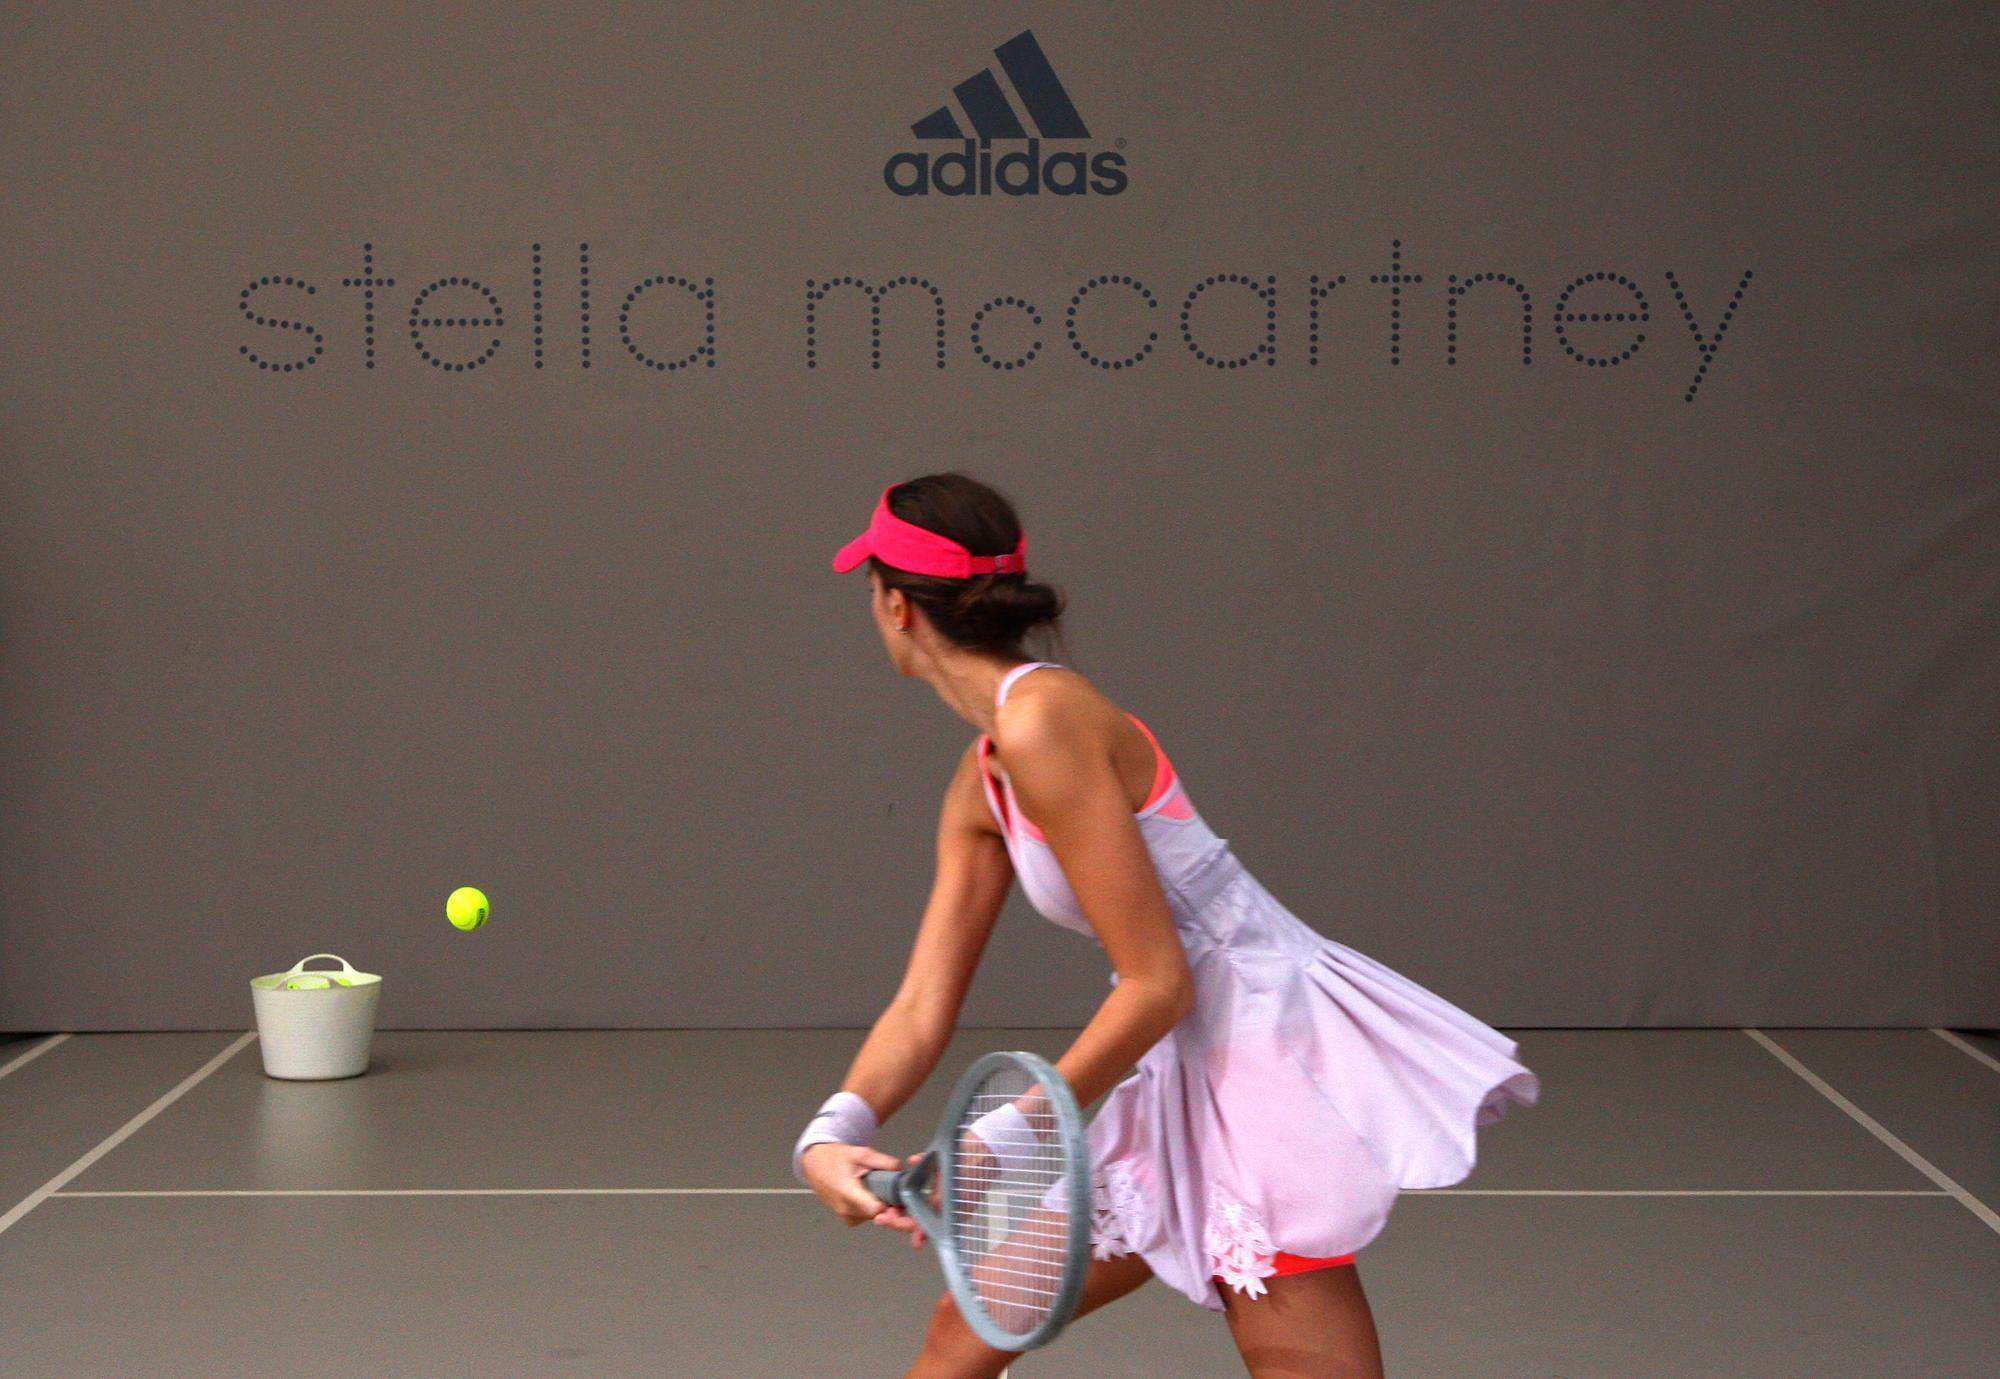 adidas stella mccartney tennis